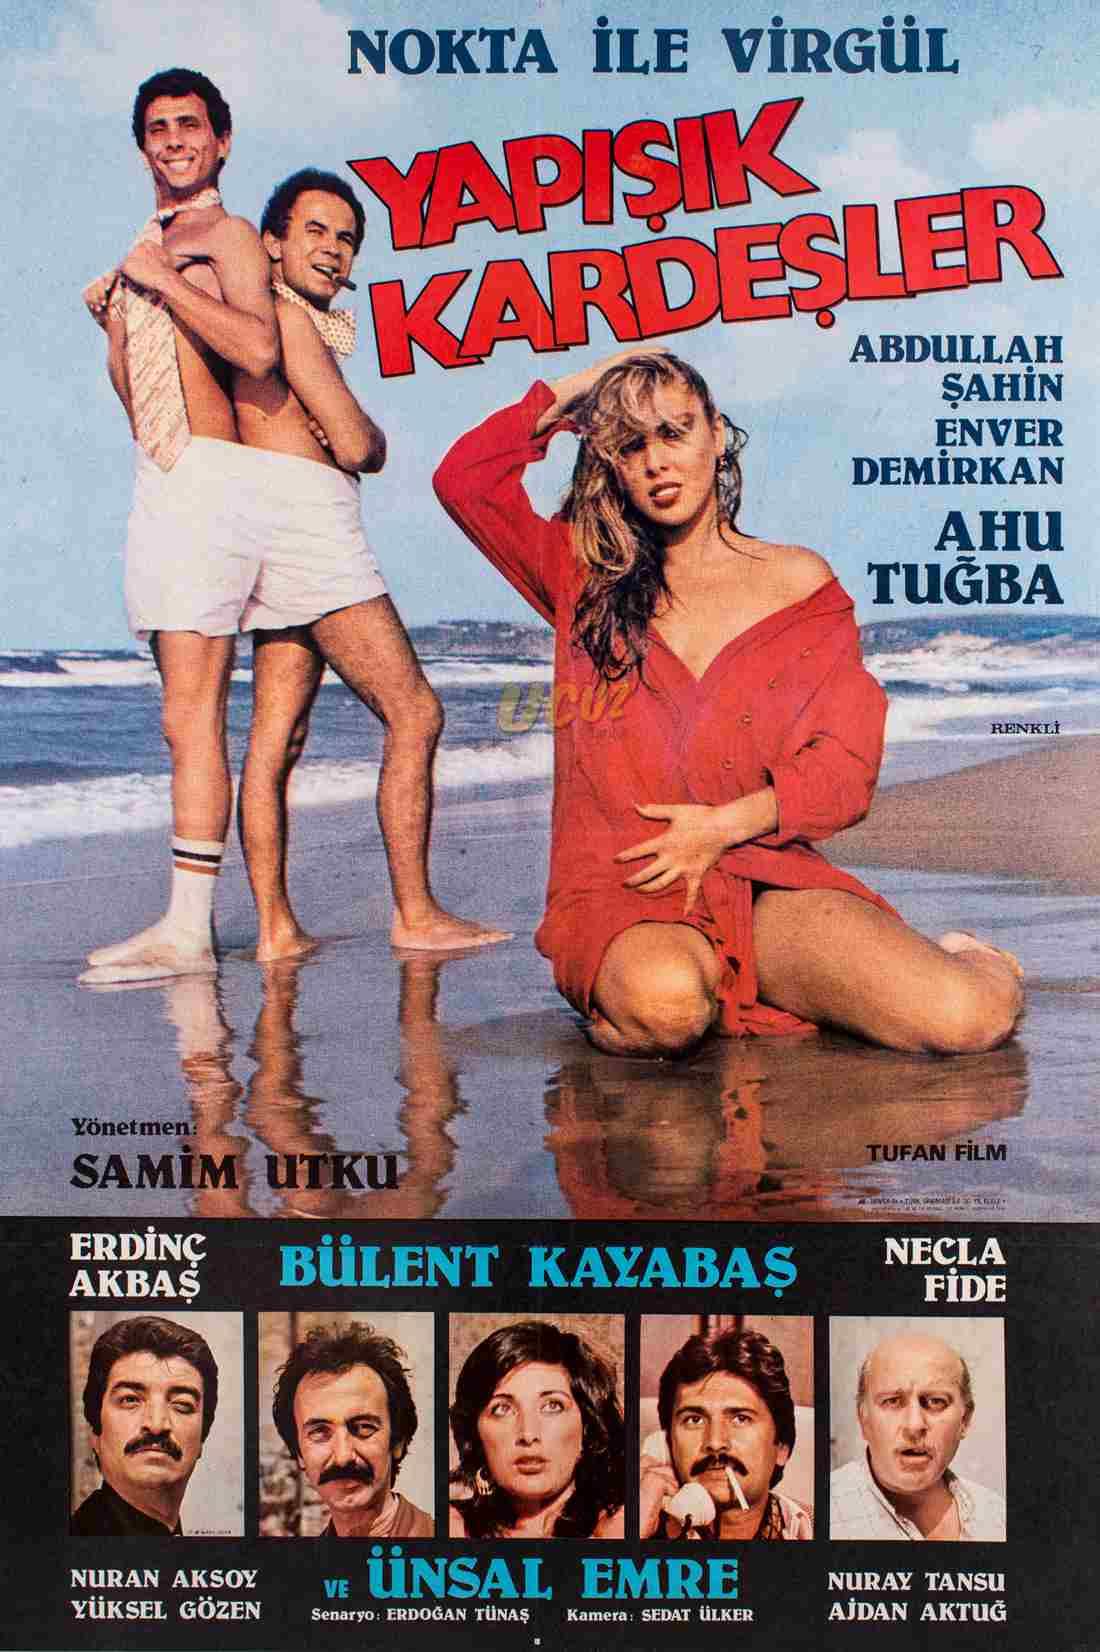 1981 yapisik_kardesler_1981